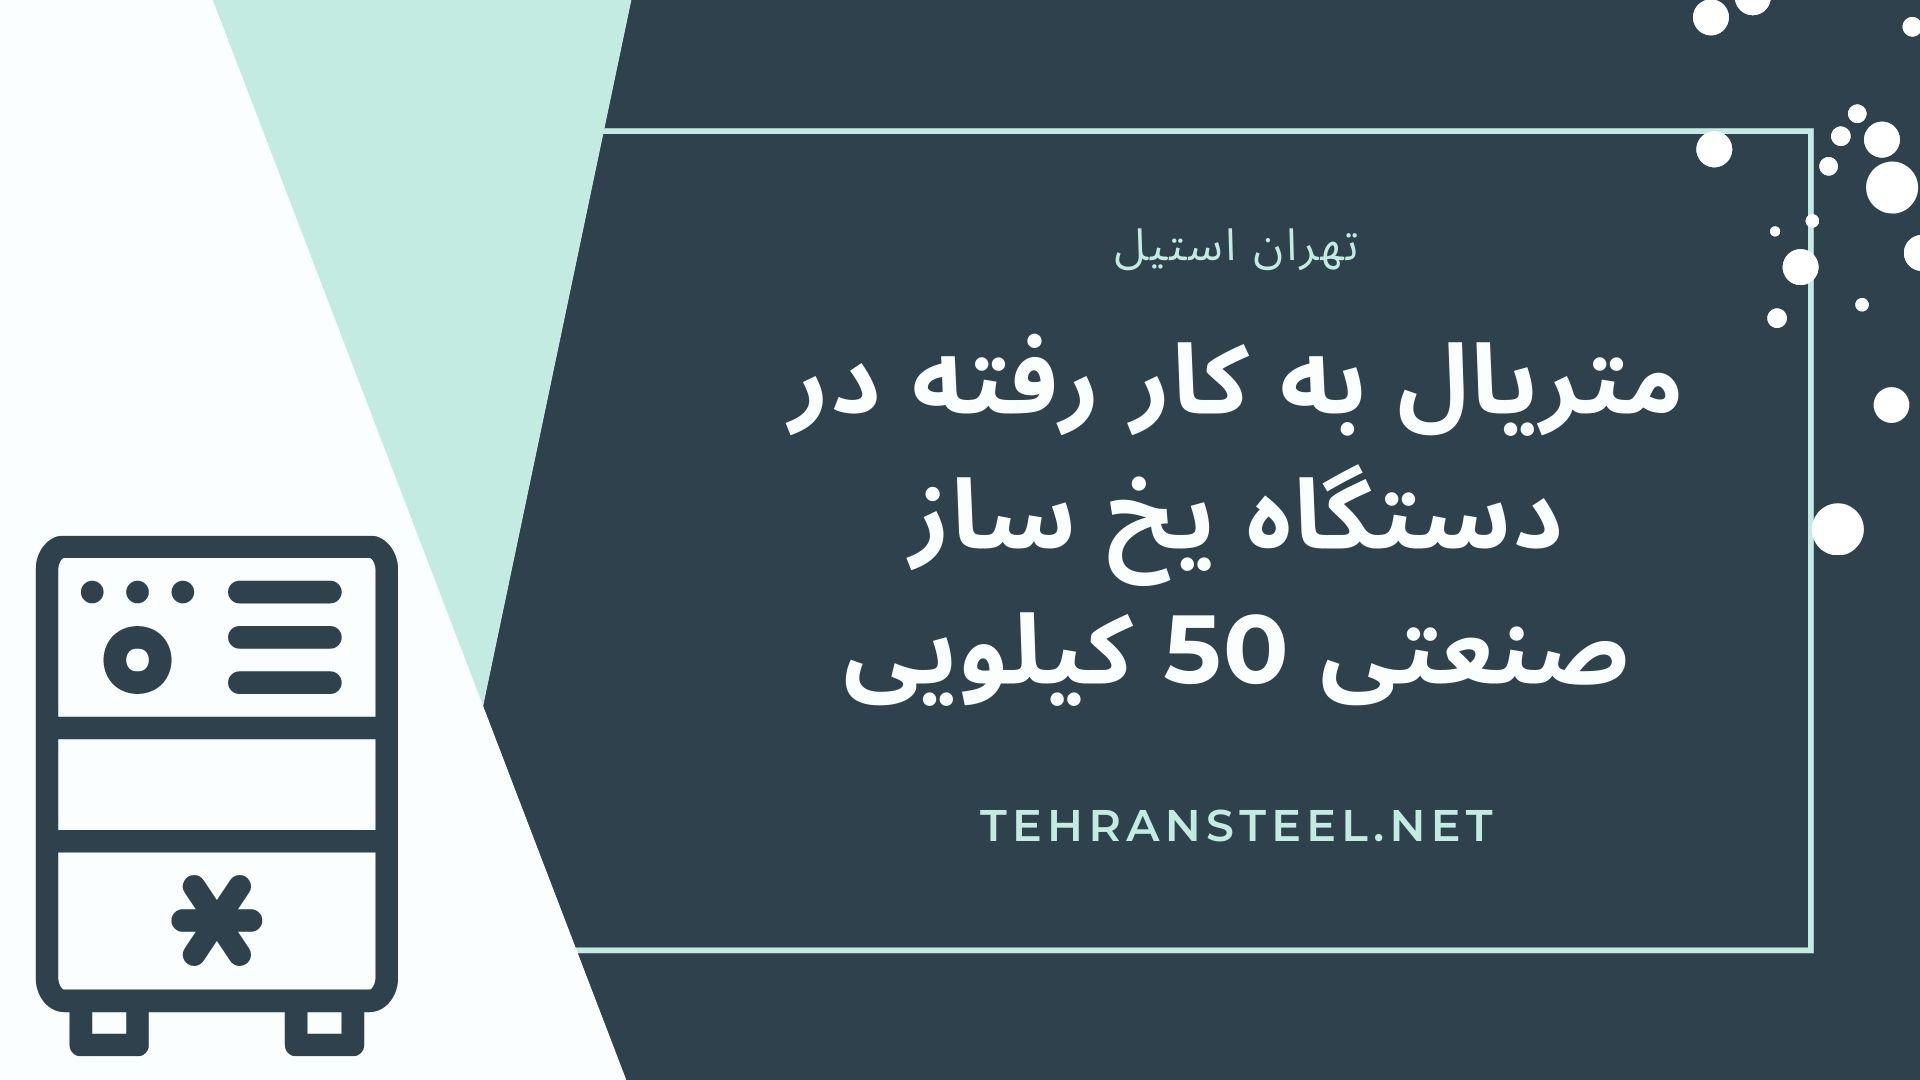 متریال به کار رفته در یخ ساز صنعتی ایرانی 50 کیلویی